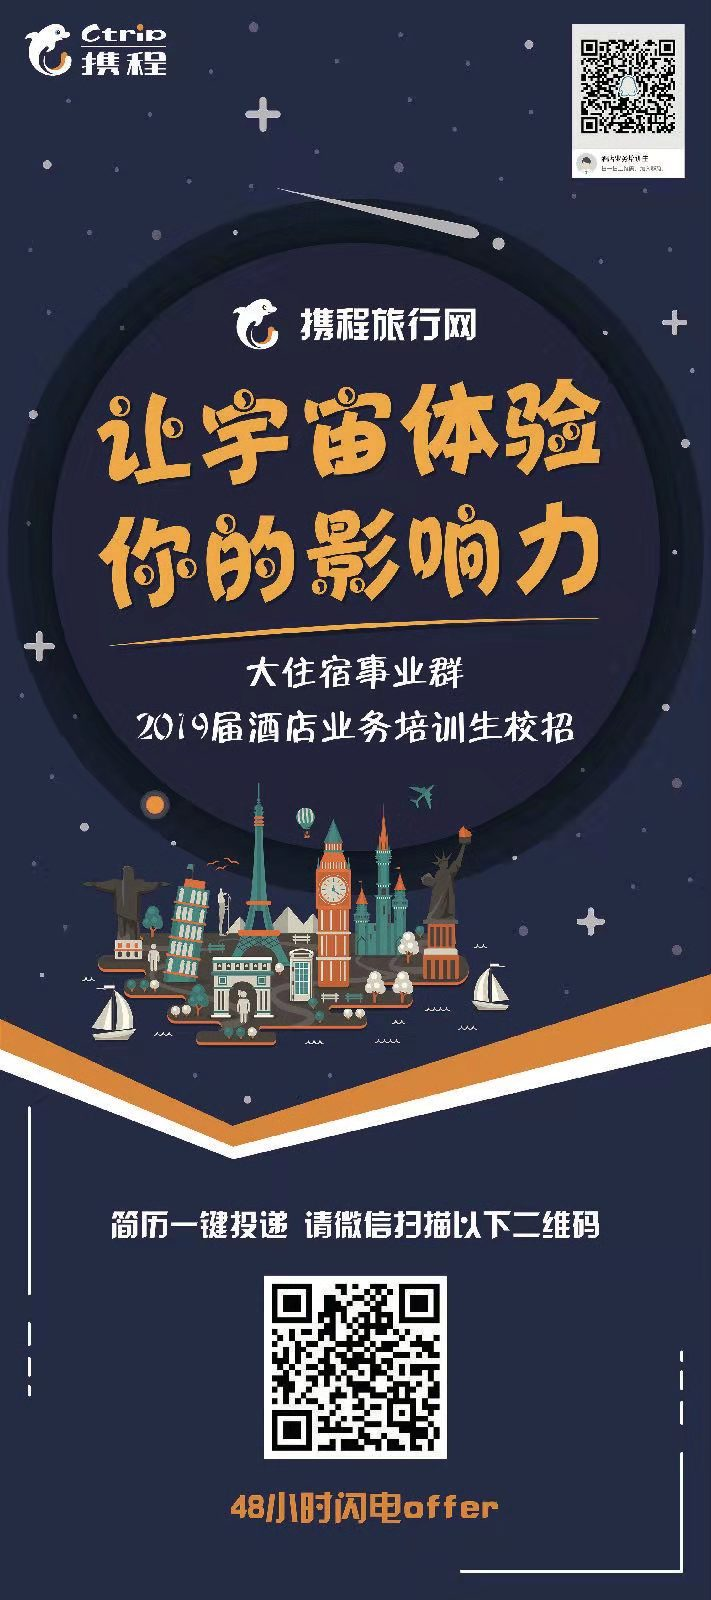 携程计算机技术(上海)有限公司三亚分公司宣讲会